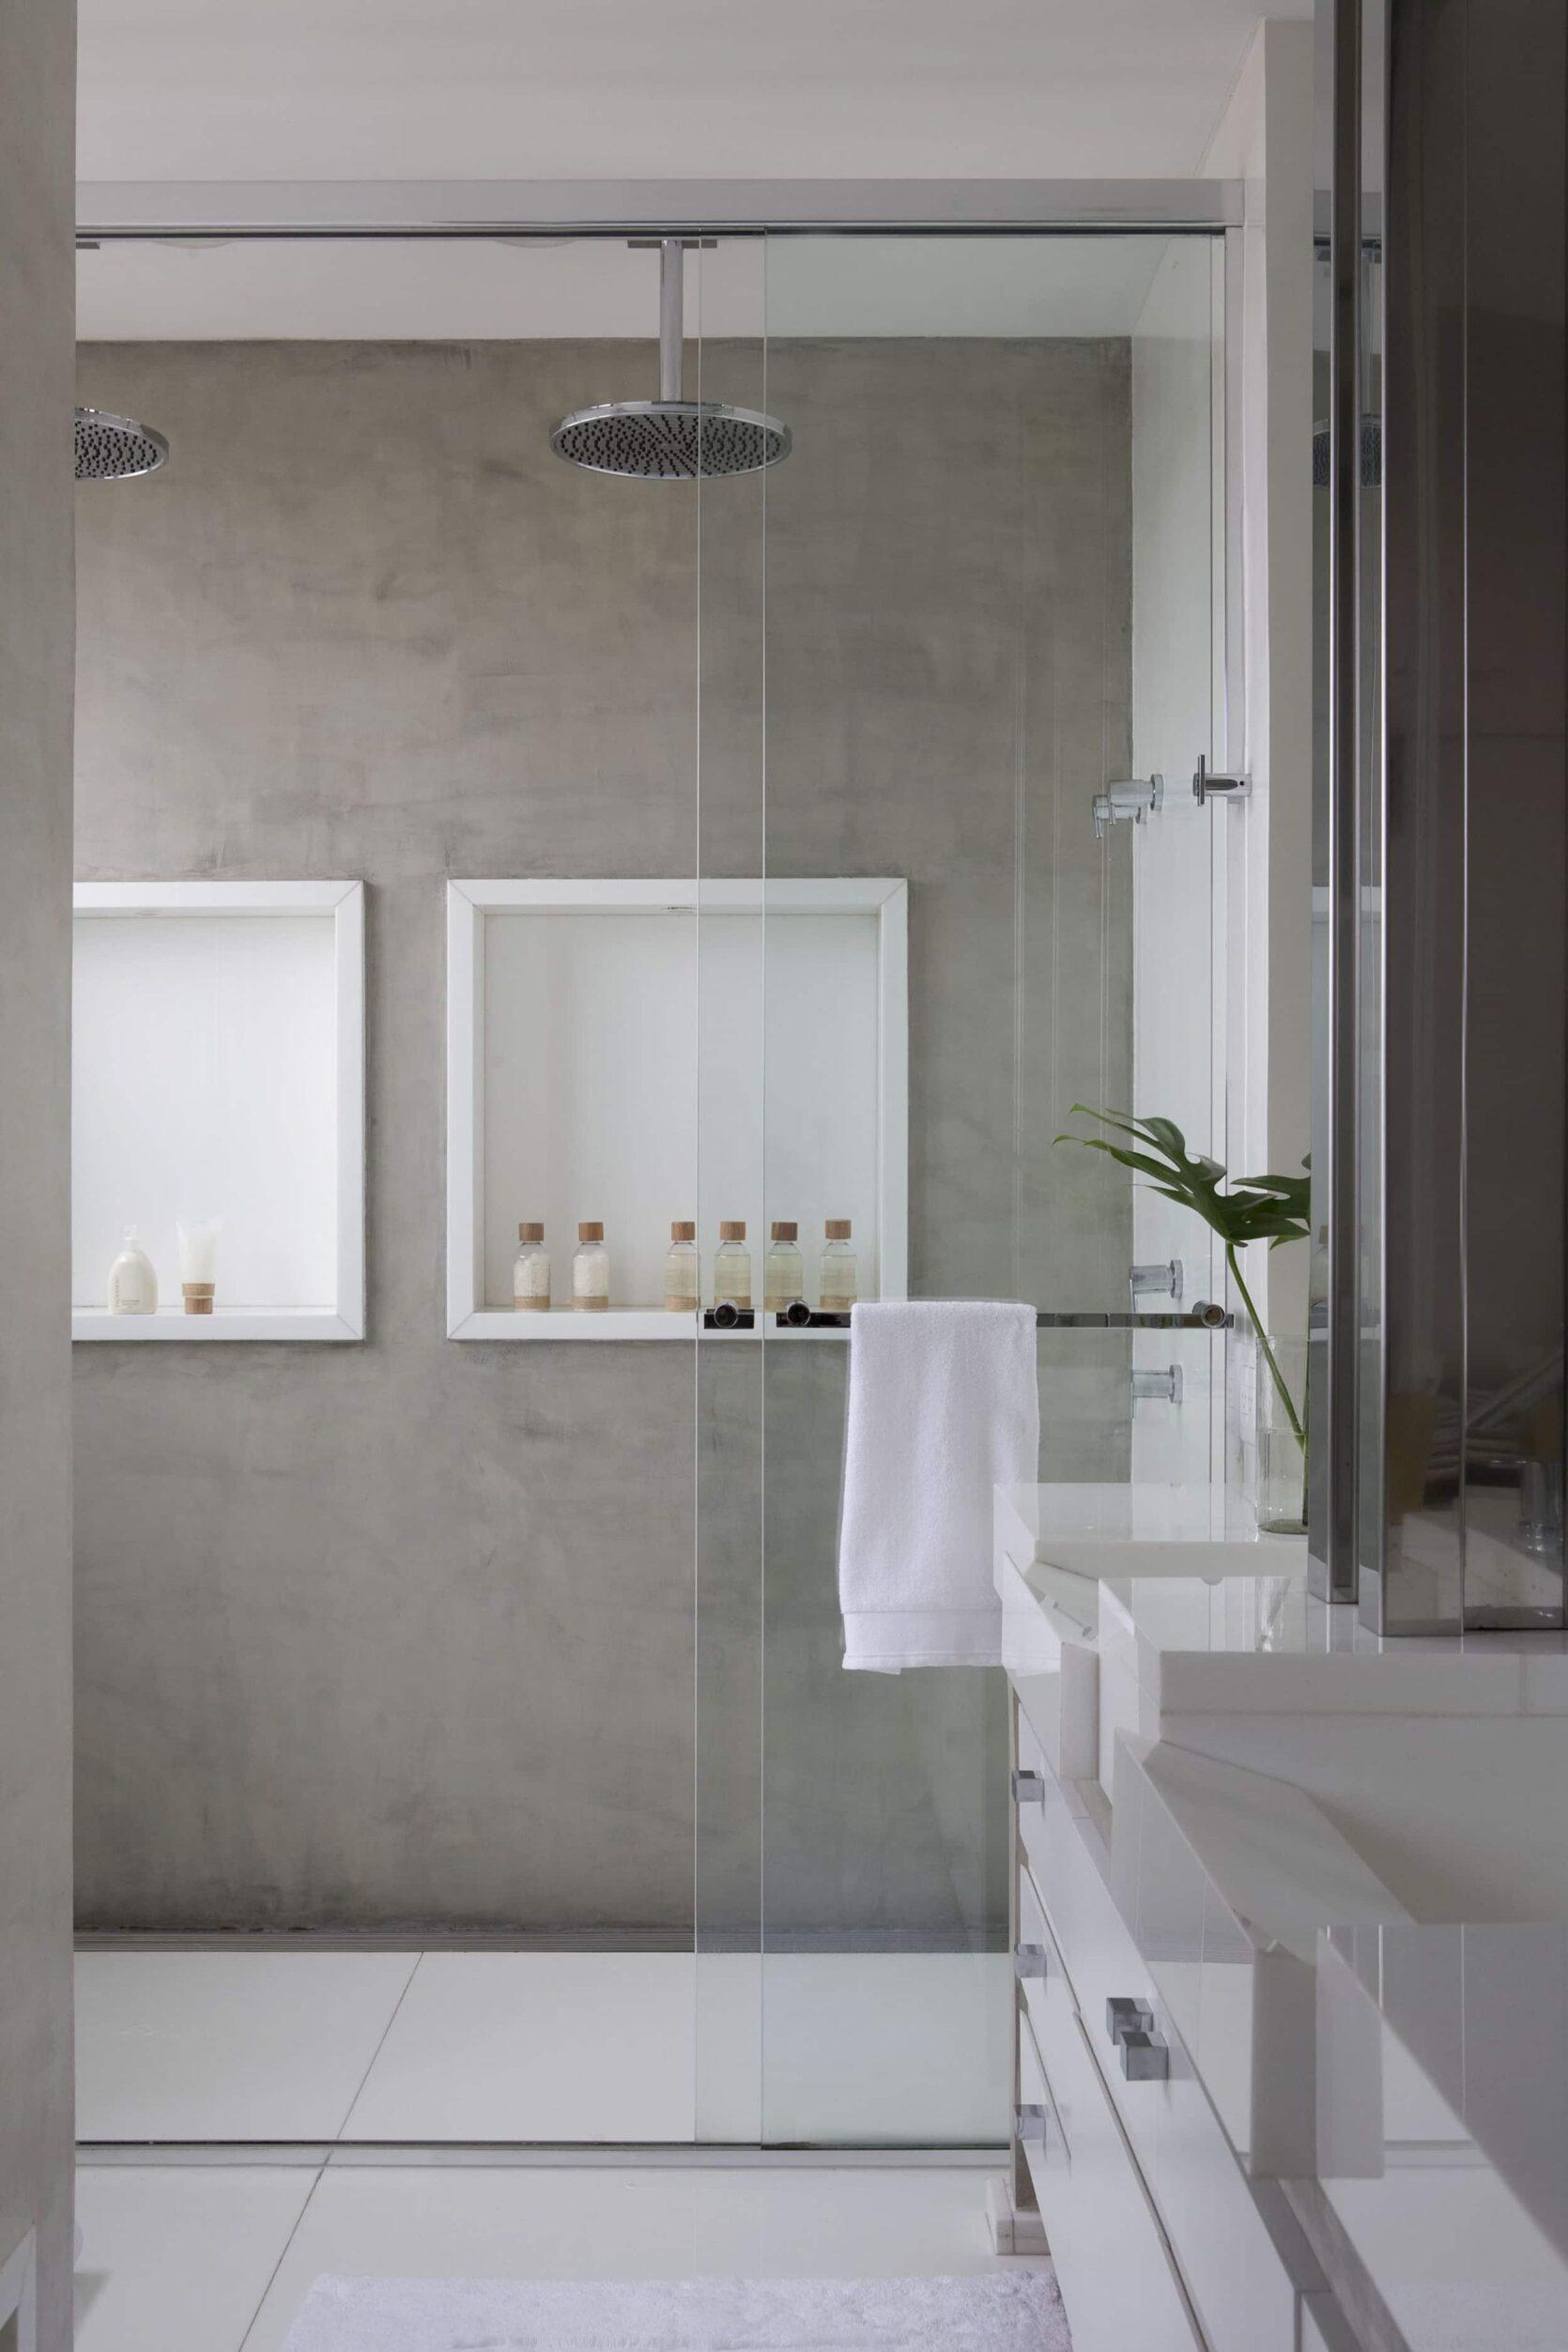 Luxury Bathroom With Double Showerhead